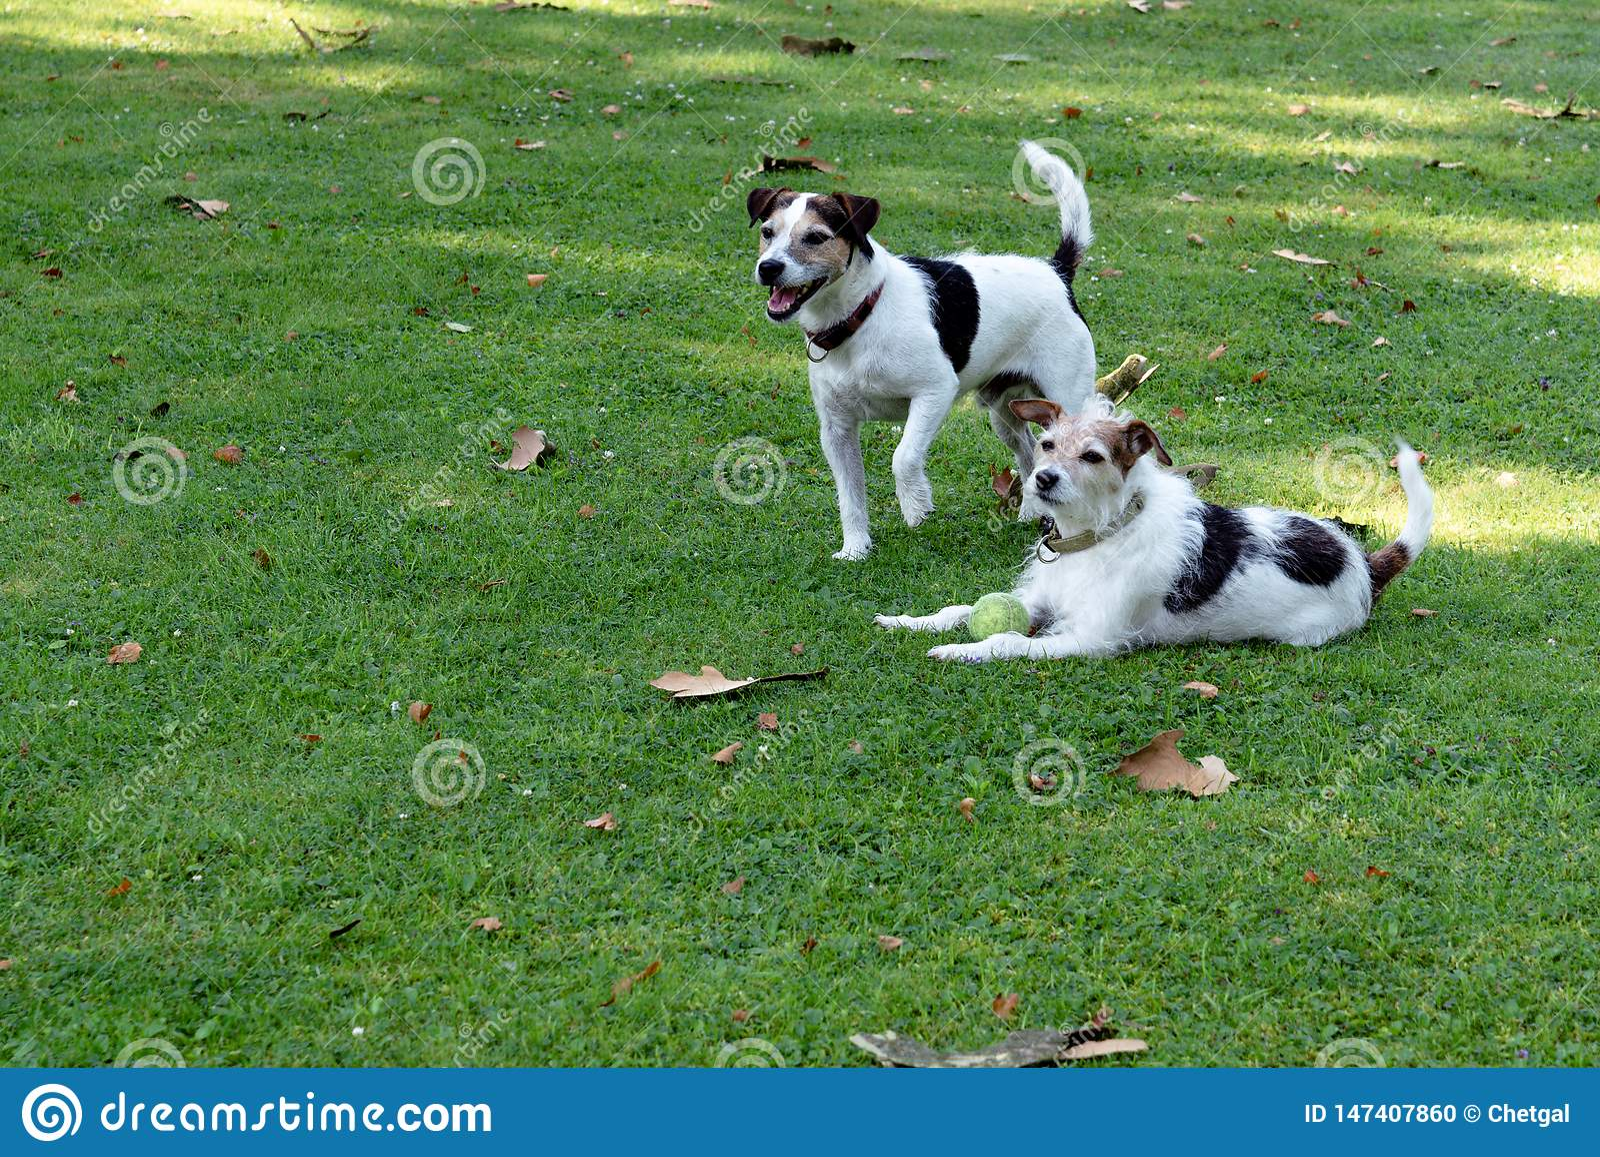 Twee Honden van het Jack Russell Terrier-ras zijn op het gazon en bewaken de bal